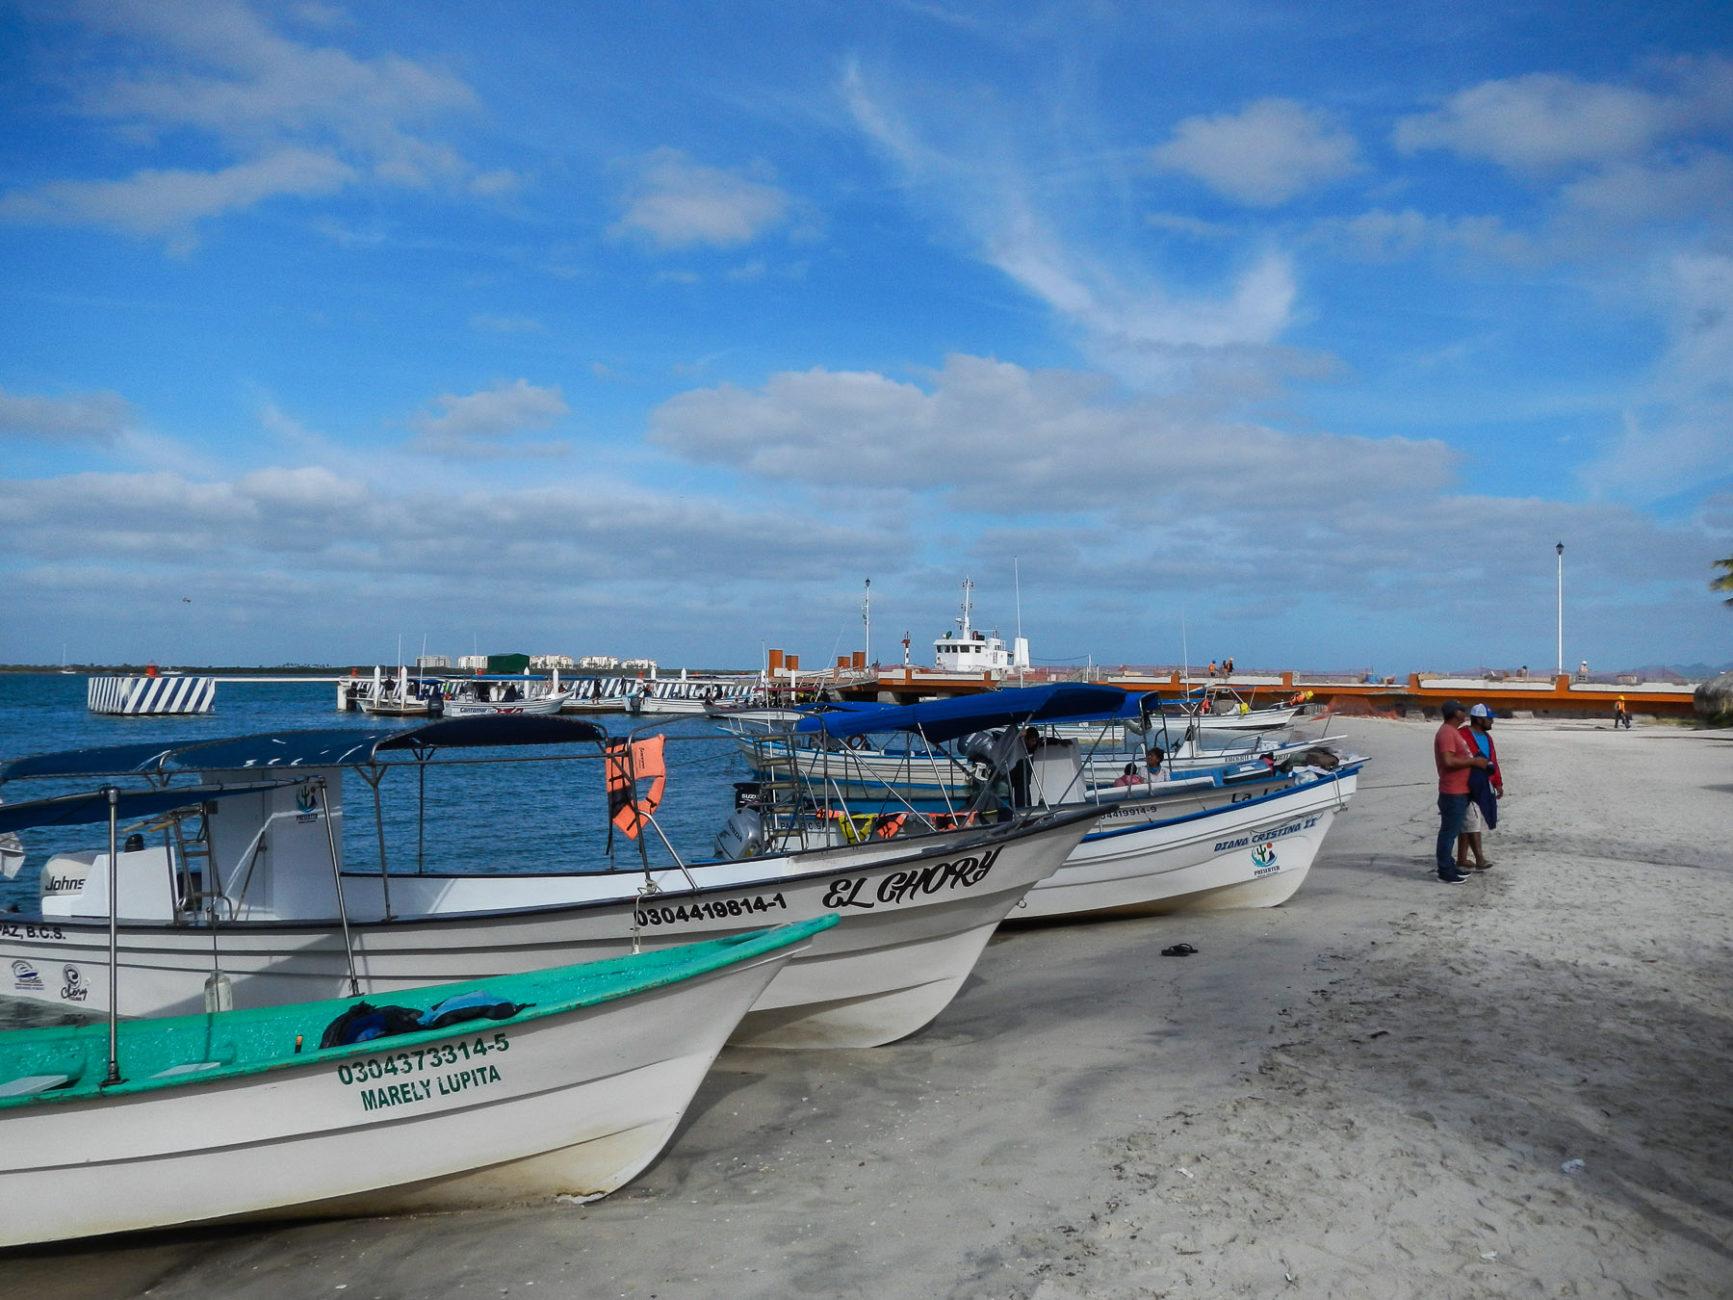 Ausflugsboote am Strand von La Paz